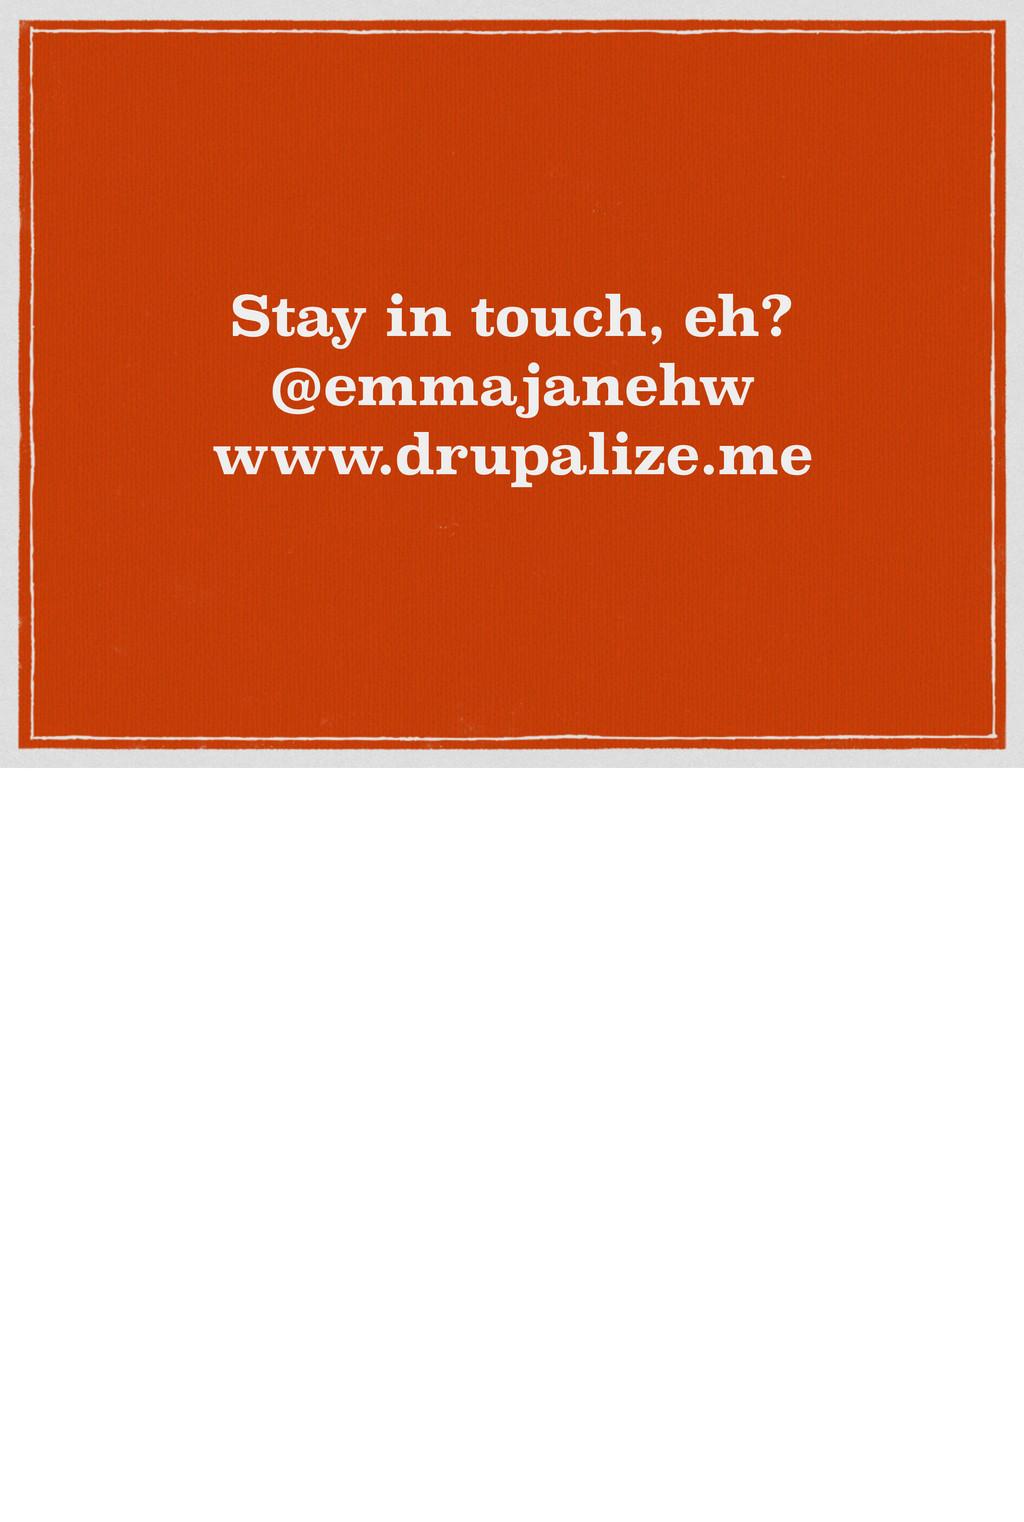 Stay in touch, eh? @emmajanehw www.drupalize.me